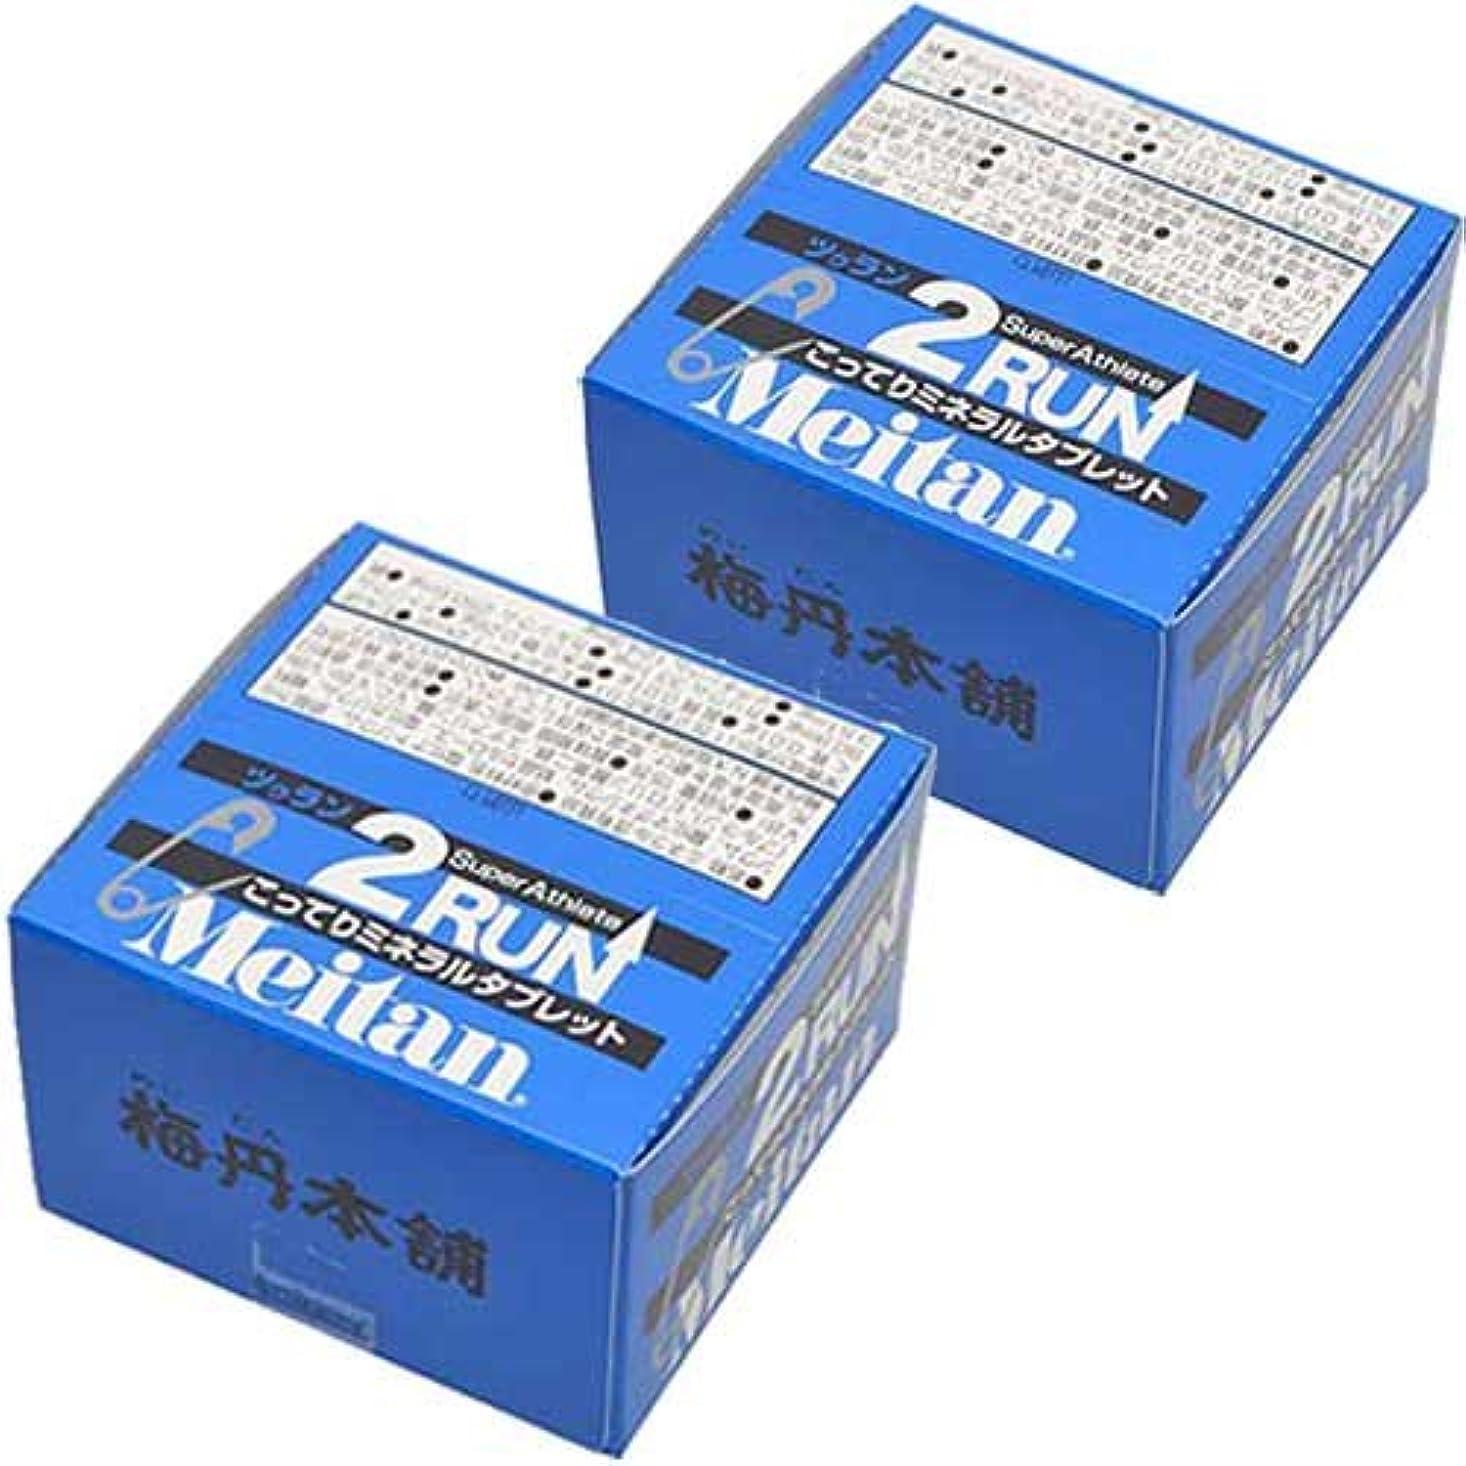 知恵電子レンジ労働者[梅丹本舗] メイタン ツーラン 2RUN 2粒×30袋